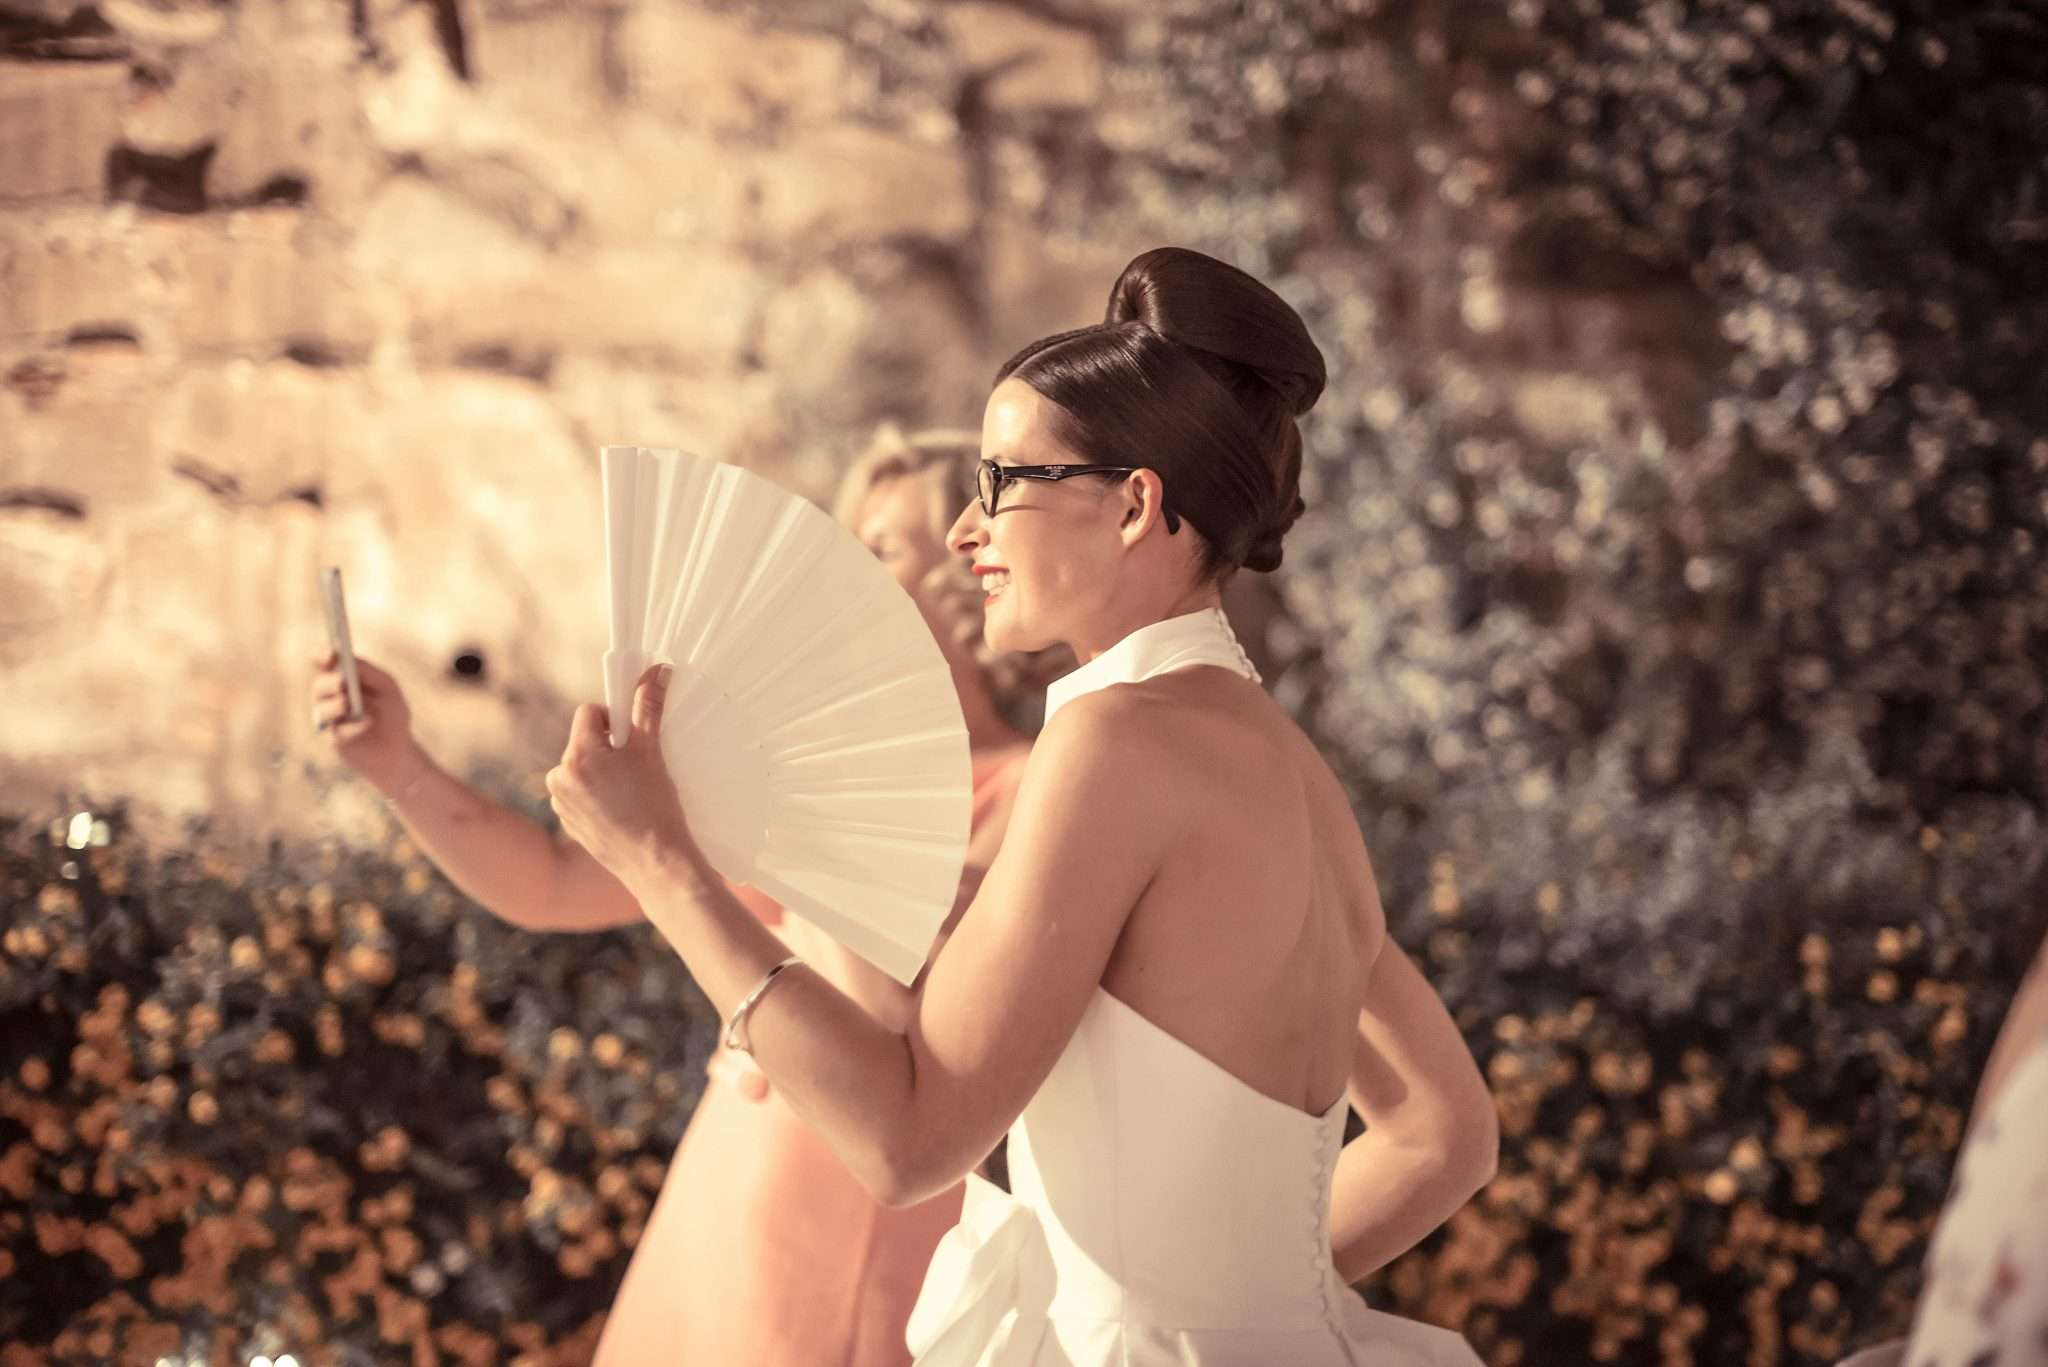 Fotografia sposa con ventaglio a realizzata da Barbara Trincone fotografa con studio a Pozzuoli Napoli, specializzata in wedding reportage